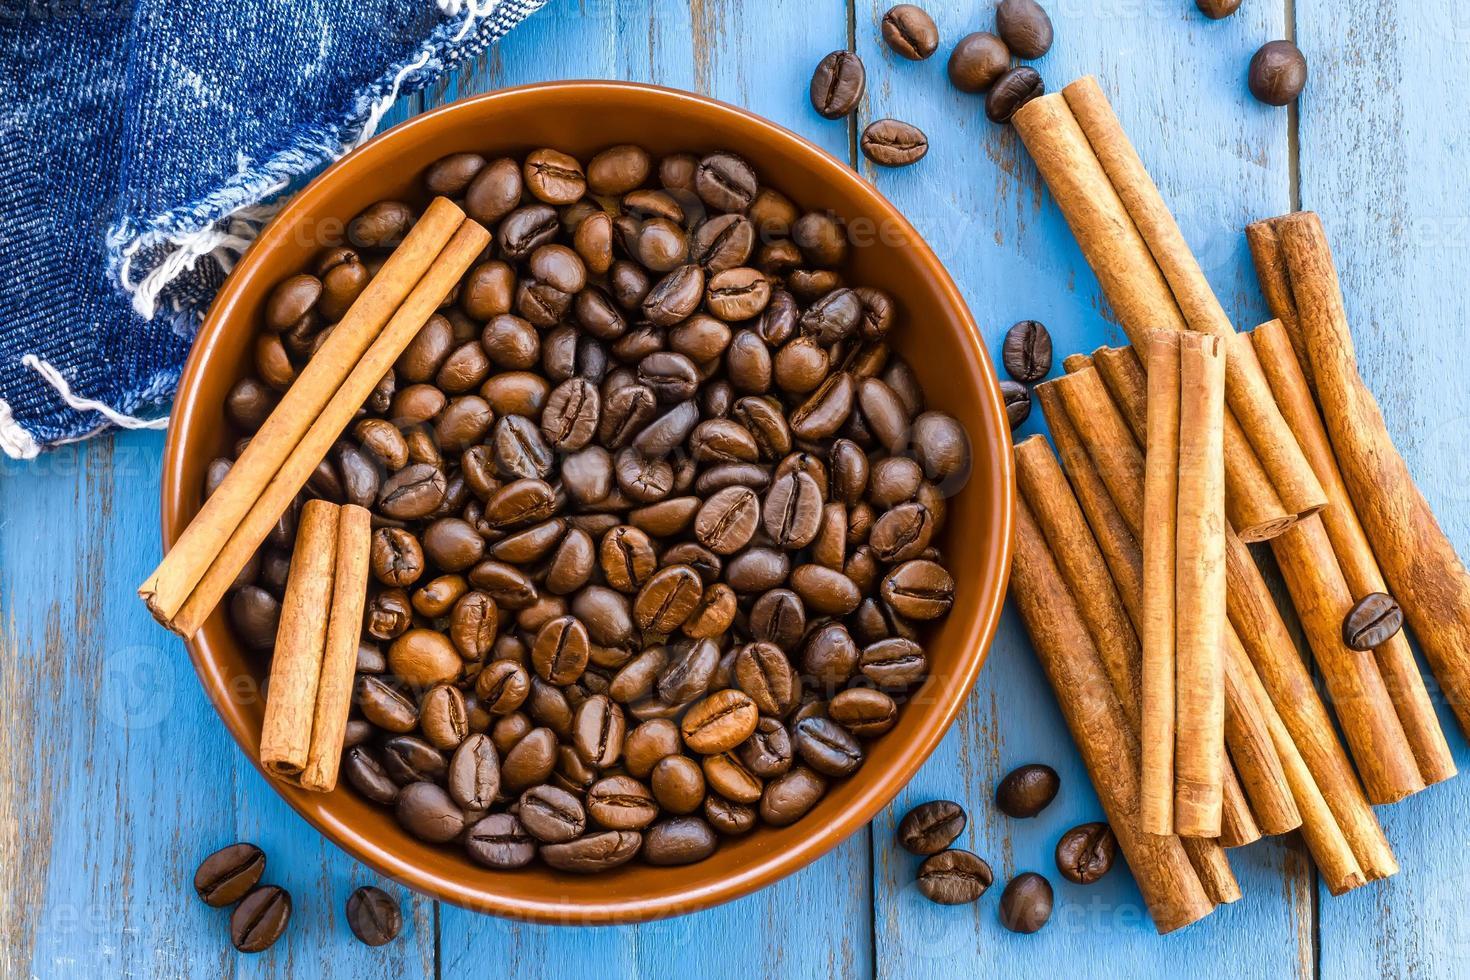 koffie en kaneel foto